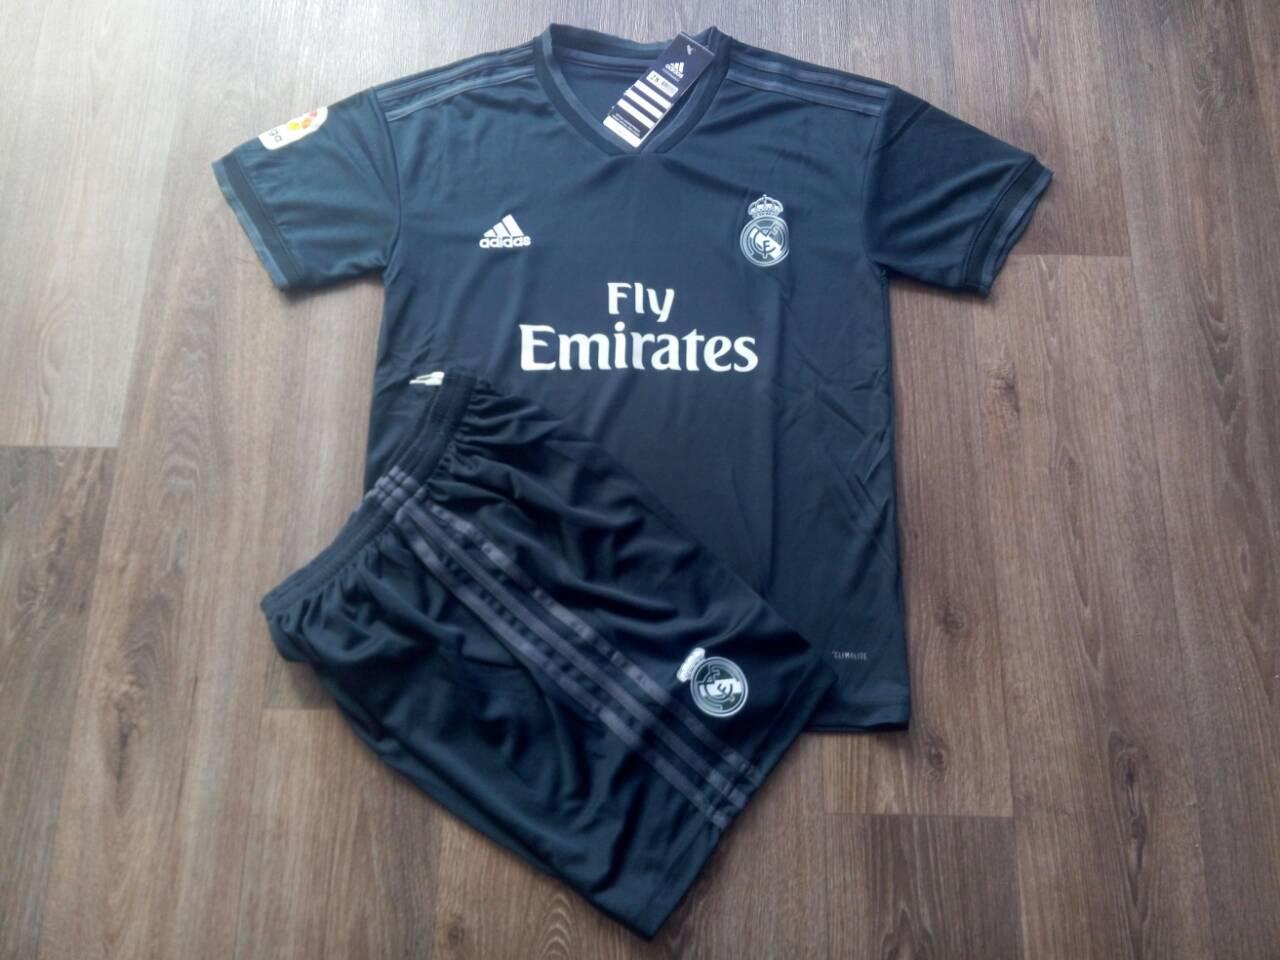 Форма детская 18/19 Реал Мадрид (Чёрная)